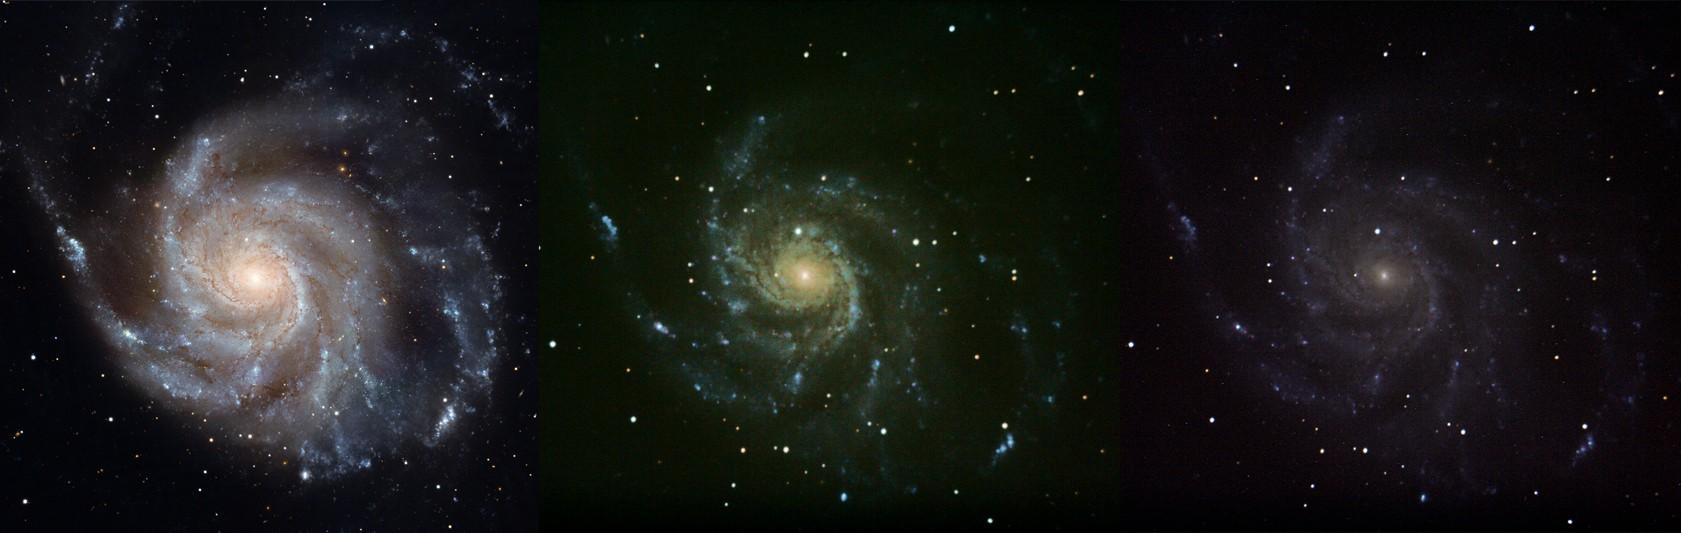 Traitement d'image de l'Observatoire du Celado - Page 2 Compar11